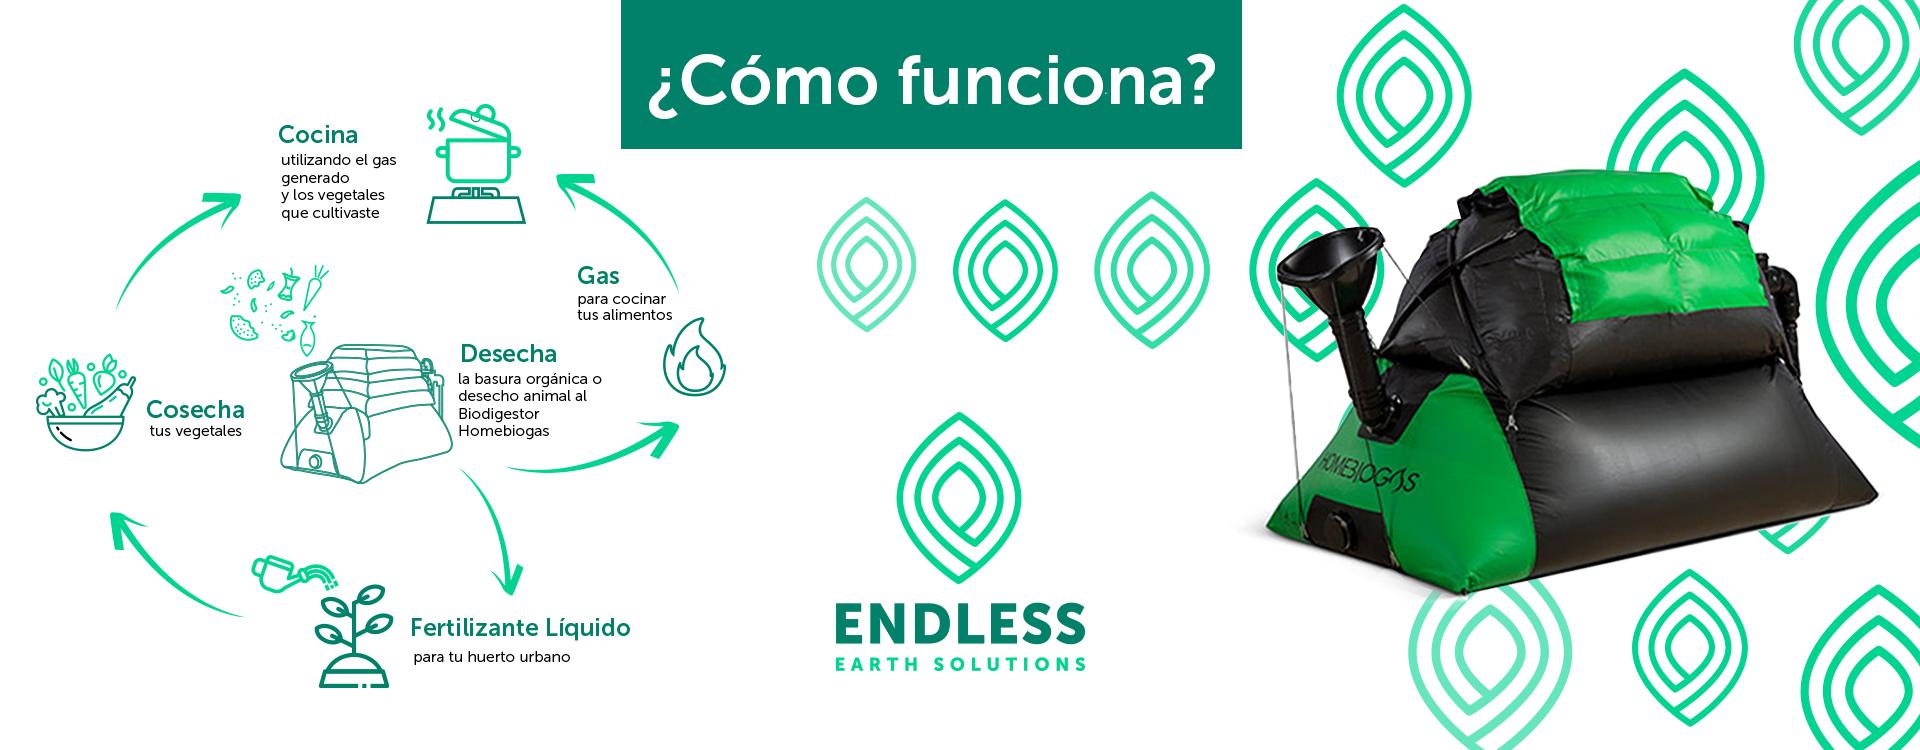 Endless Solutions ¿cómo funciona el biodigestor?